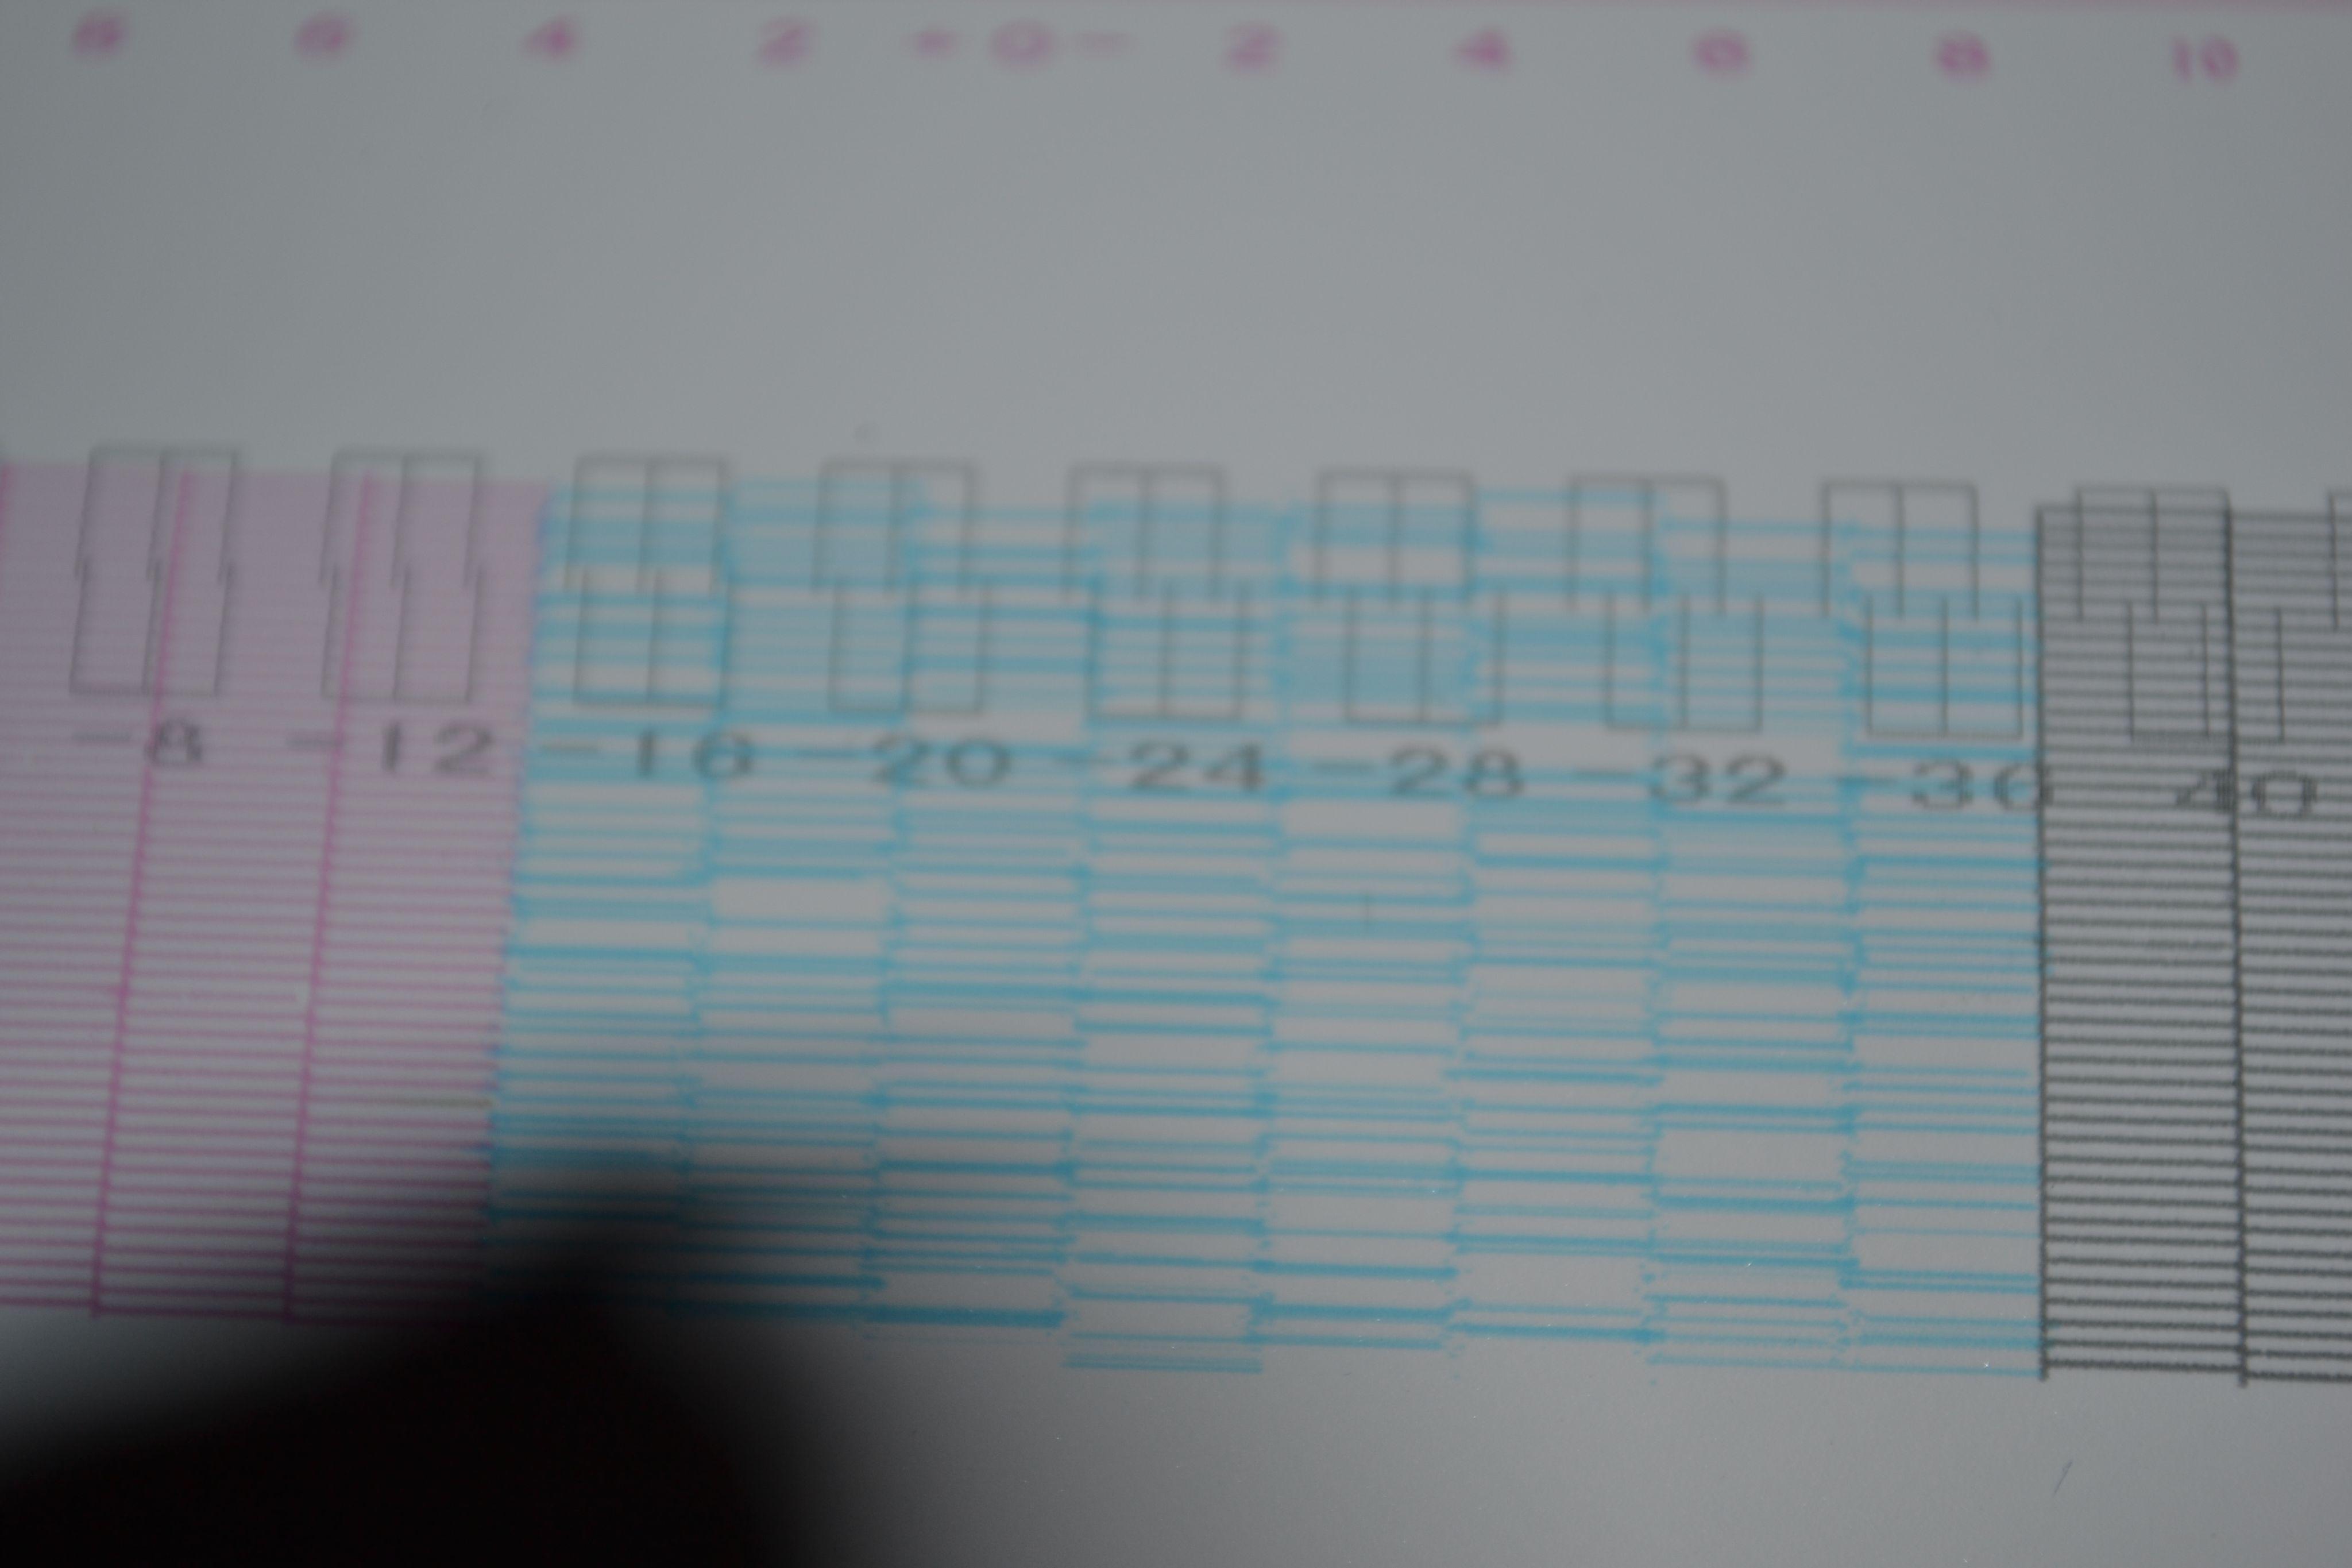 天彩户内写真机压电5代喷头检测时蓝色线条时乱是怎么